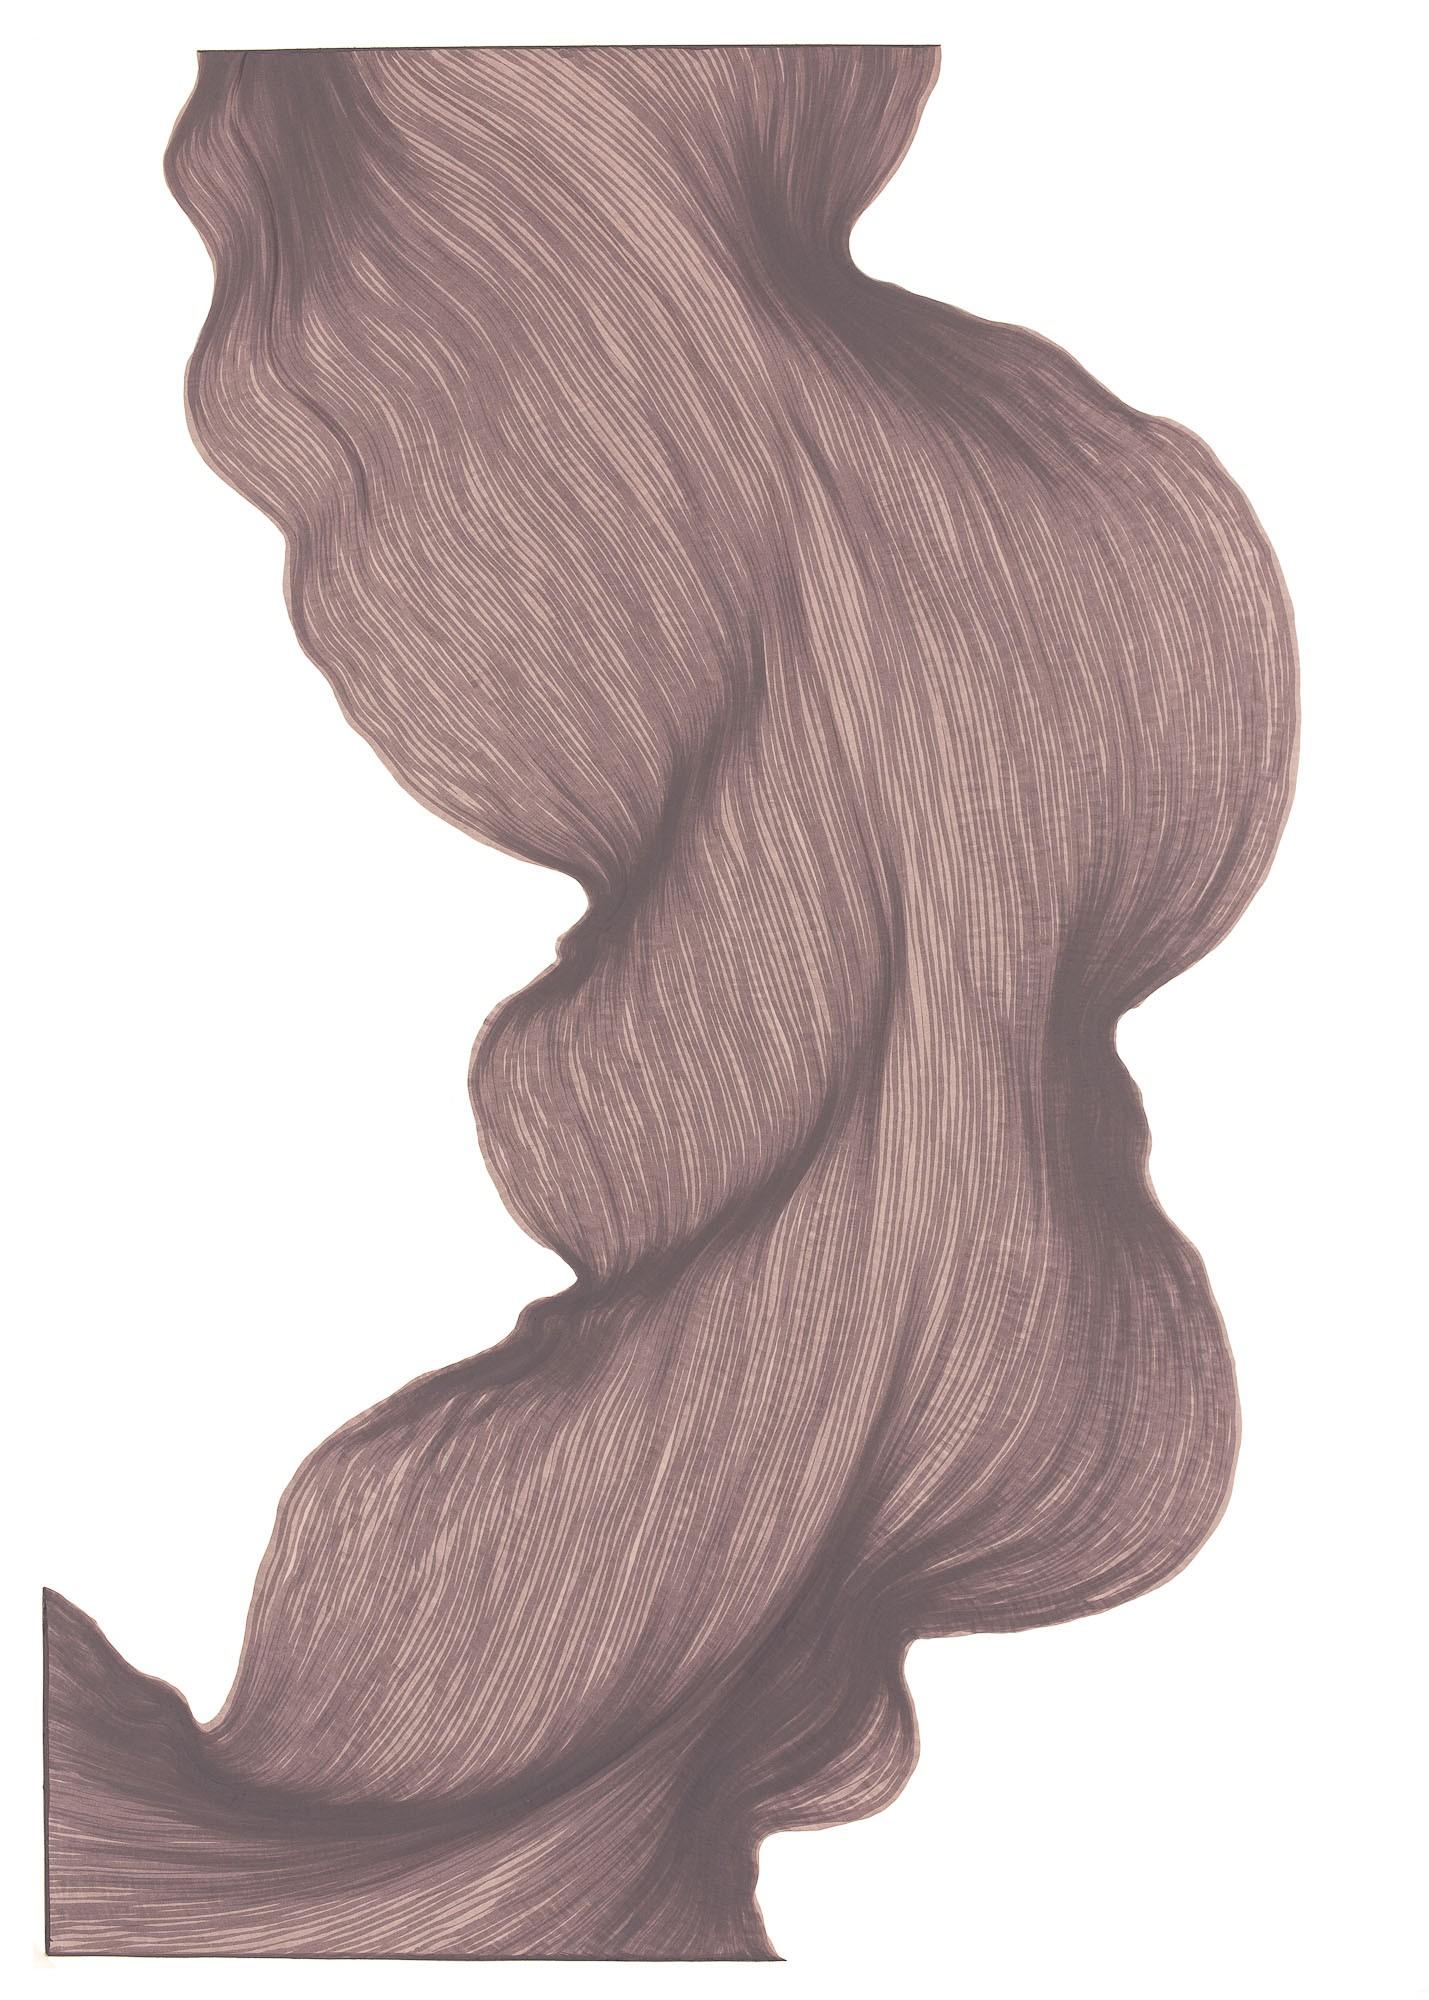 Old Lavender | Lali Torma | Zeichnung | Kalligraphie Tinte auf Papier